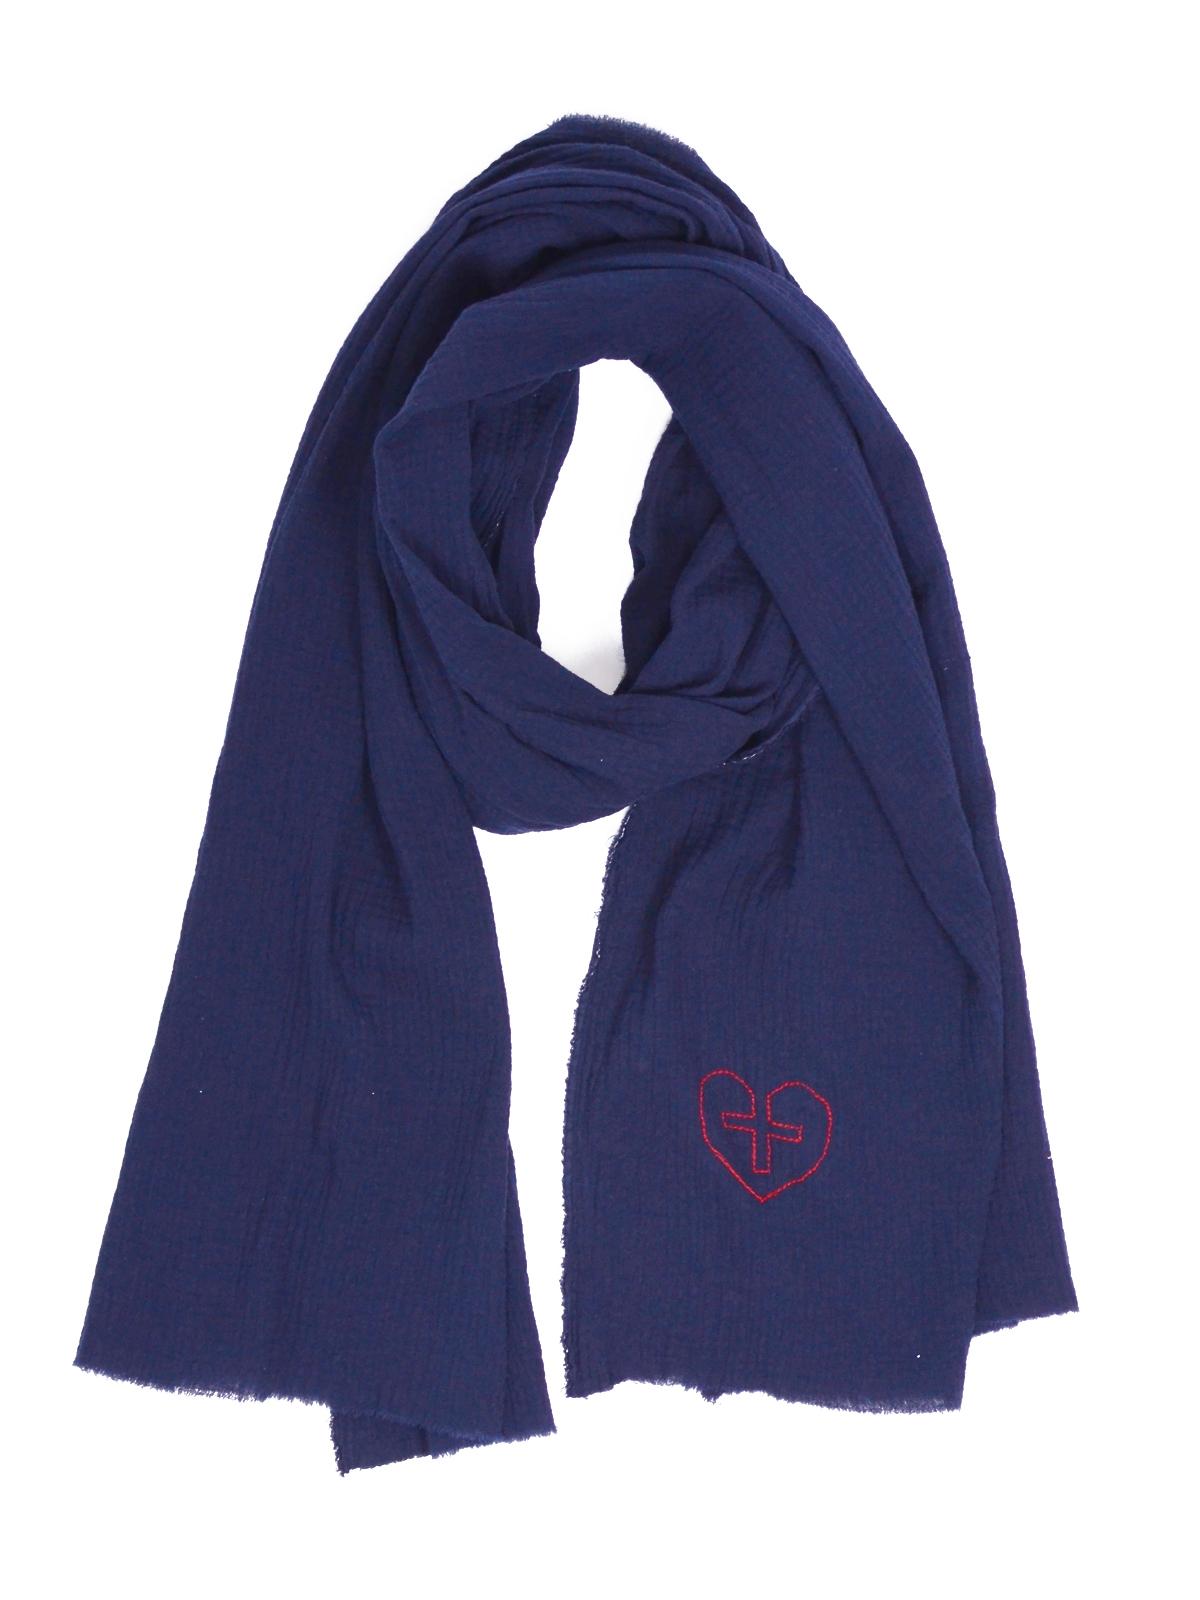 plus grand choix de 2019 mieux aimé codes promo Chèche brodé bleu marine en coton bio foulard vegan made in ...